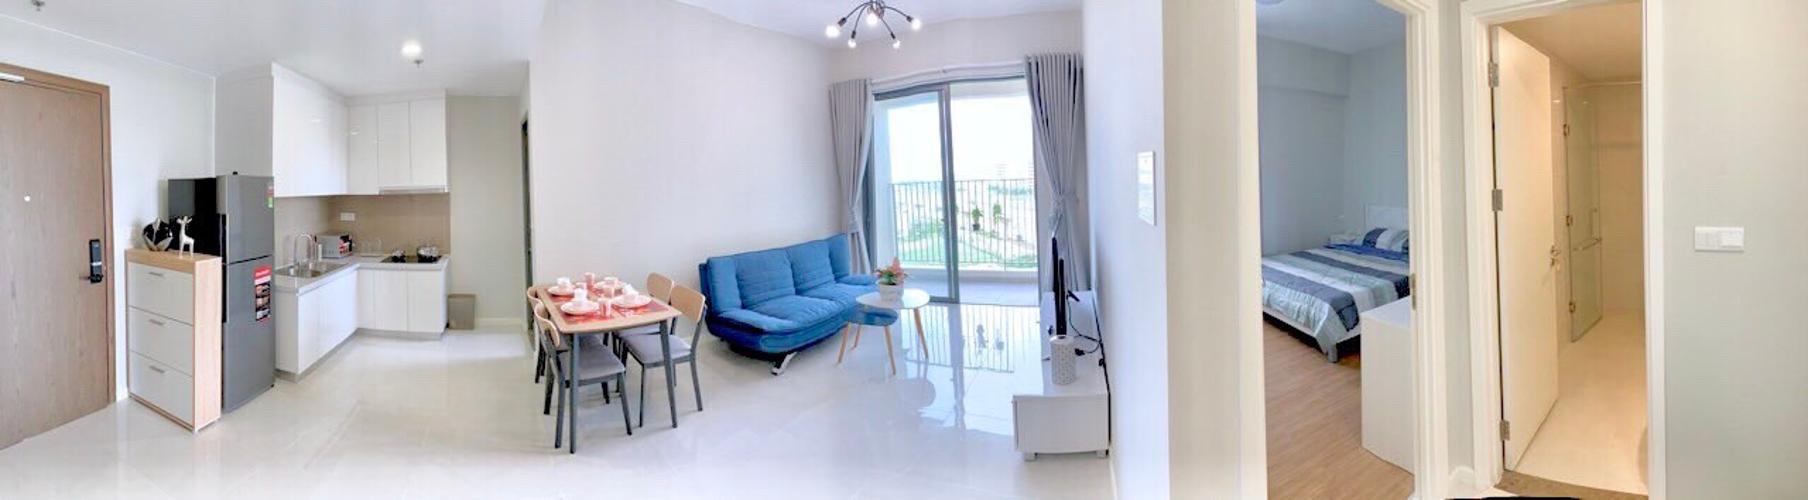 phòng khách căn hộ Masteri An Phú Căn hộ tầng thấp Masteri An Phú nội thất tiện nghi.